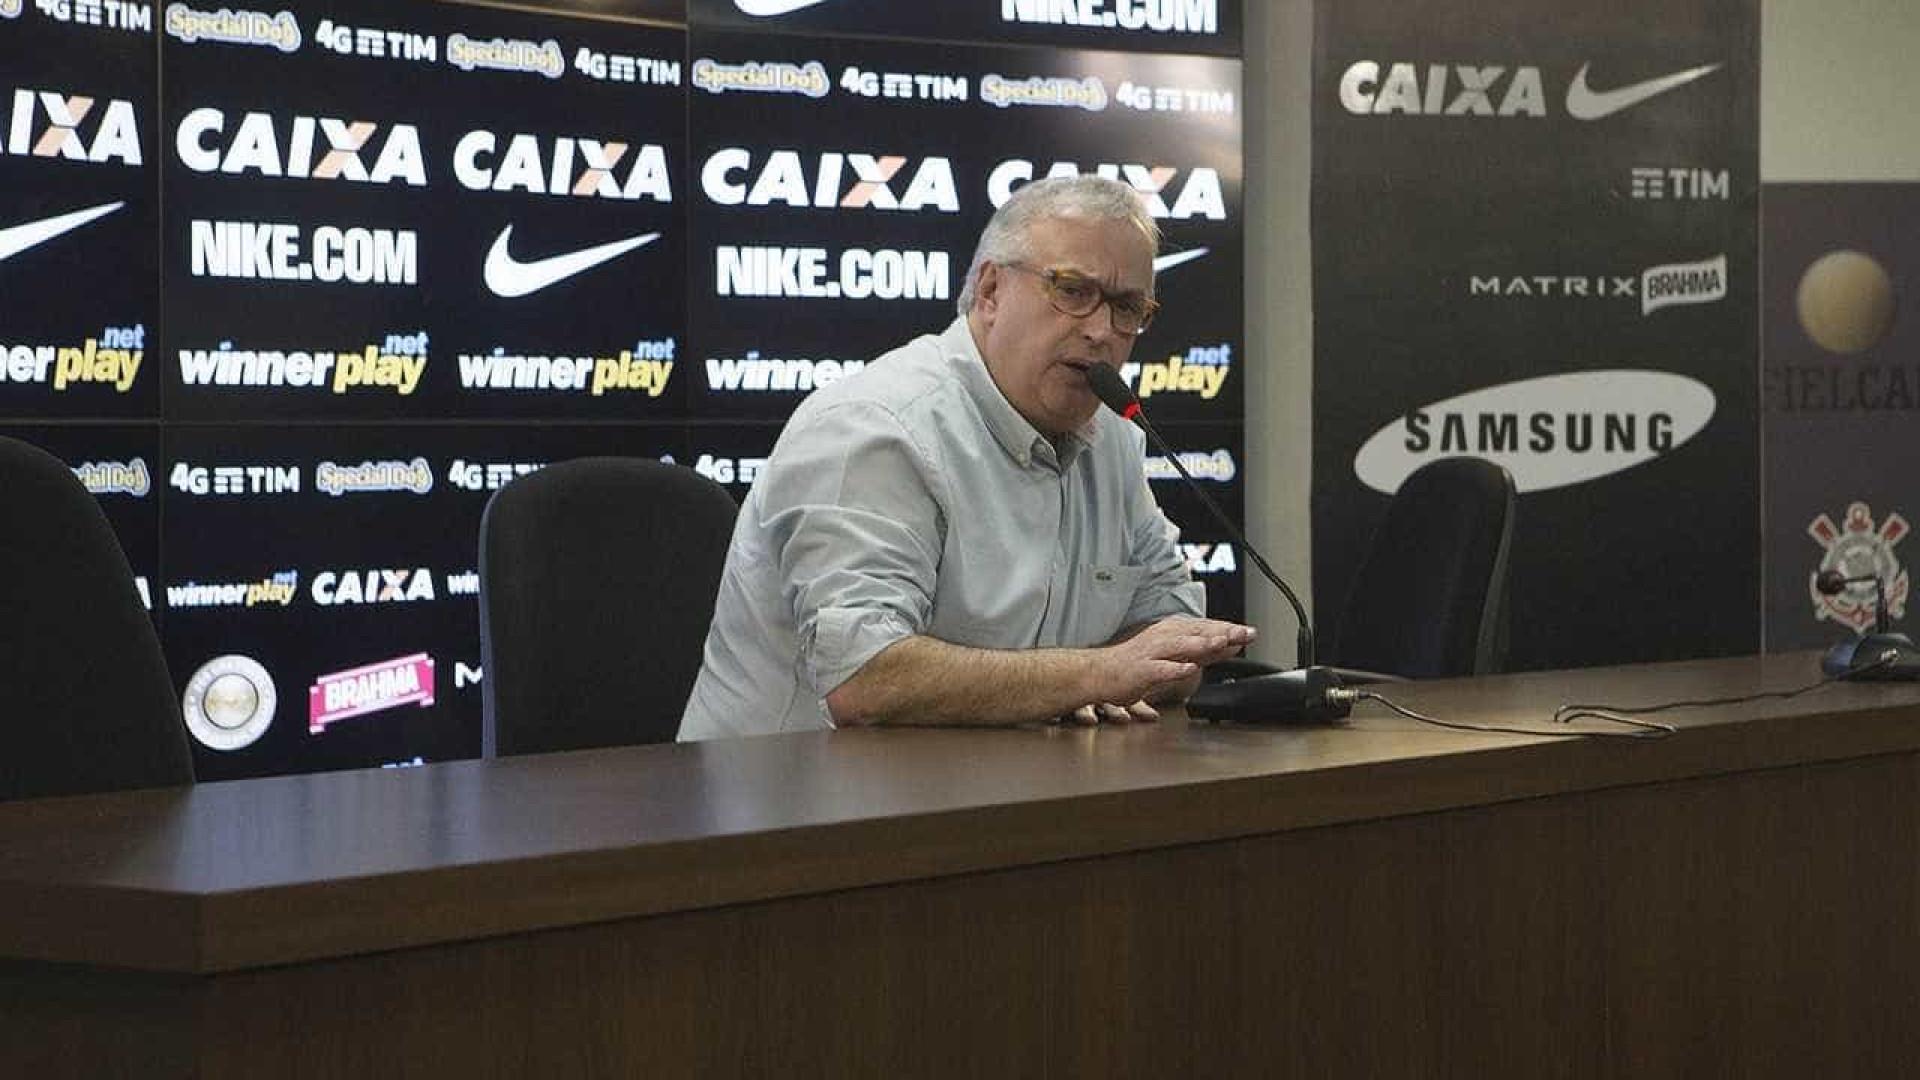 Após fechar com Jô, Corinthians sai atrás de um meia para 2017